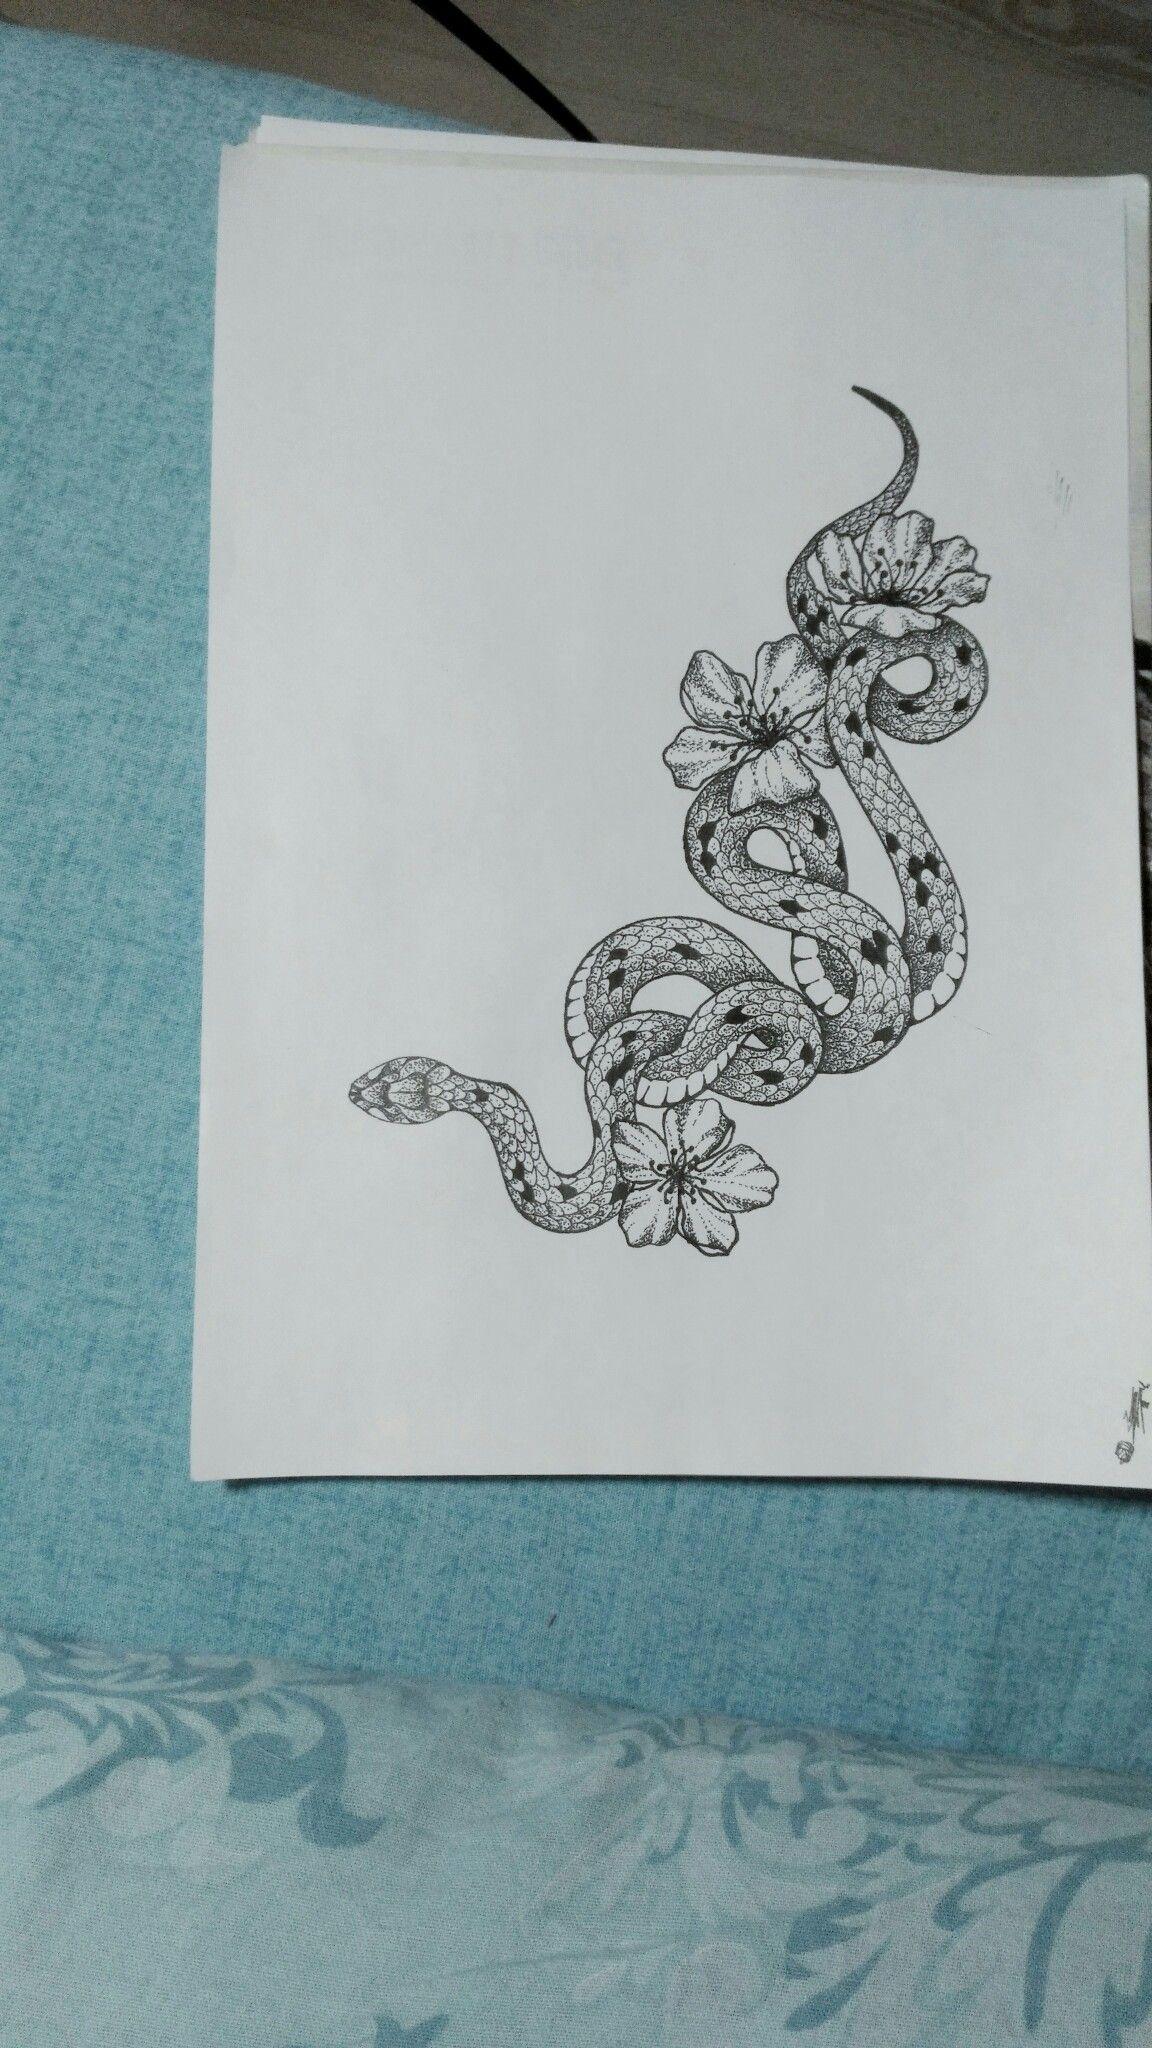 эскиз для татуировки татуировка змея эскиз татузмеи